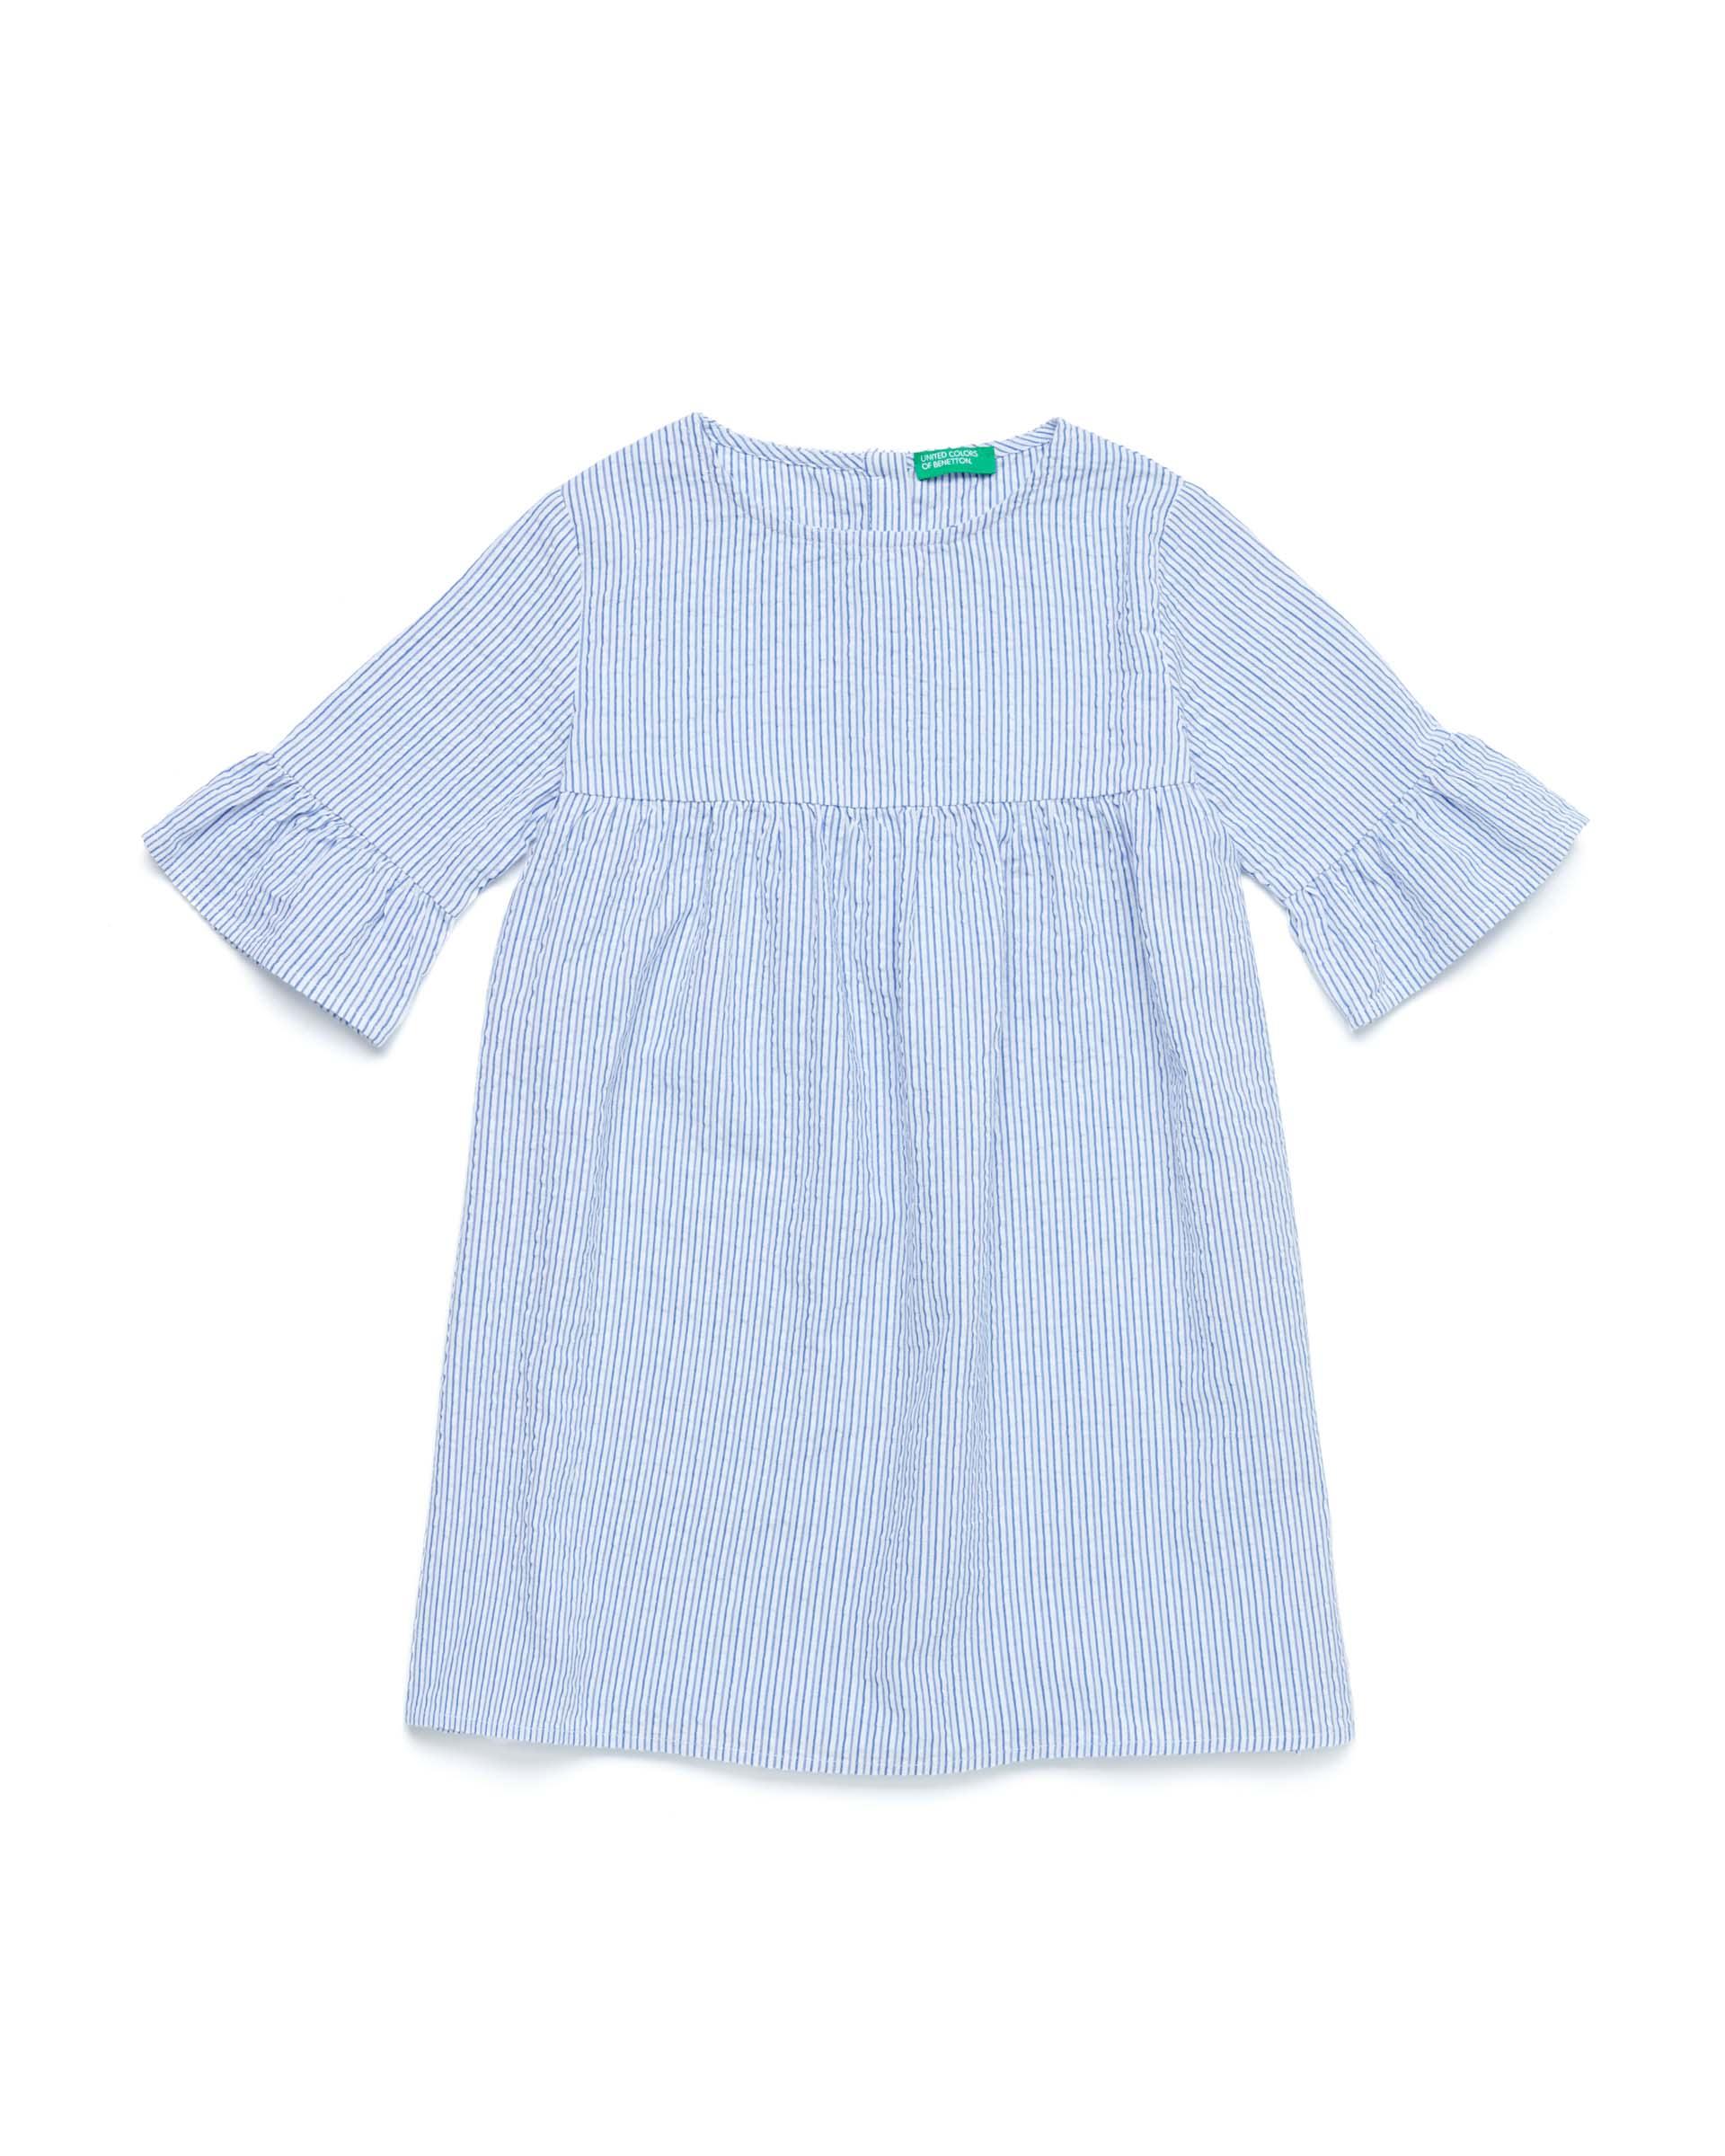 Купить 20P_4OV05VDI0_901, Платье для девочек Benetton 4OV05VDI0_901 р-р 140, United Colors of Benetton, Платья для девочек